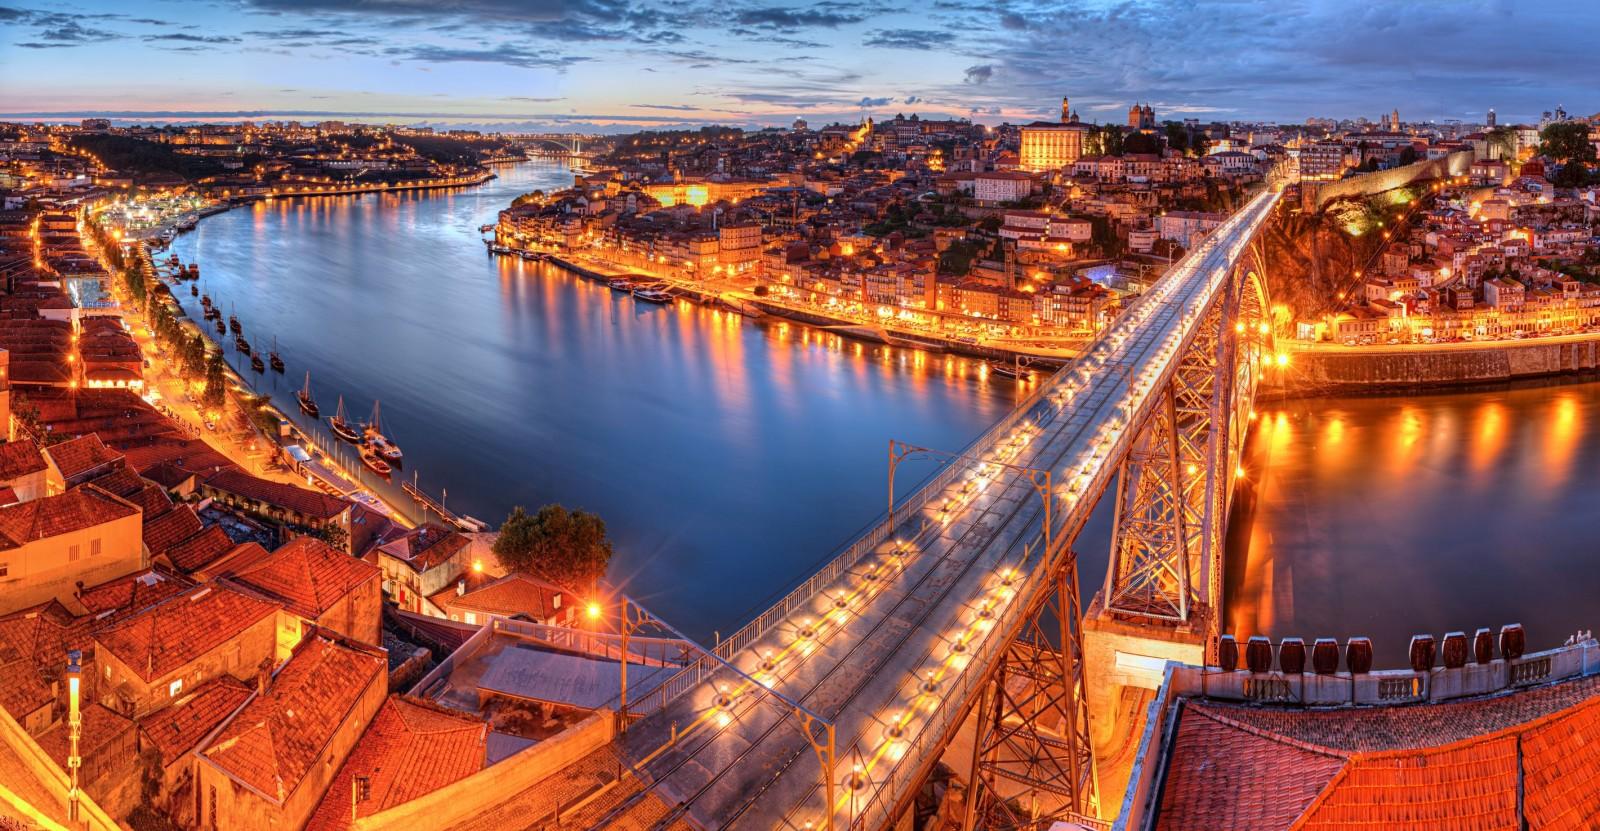 Super Reducere Sejur City Break Lisabona din Bucuresti 3 nopti Octombrie 2017 de la doar 299 Euro/persoana!